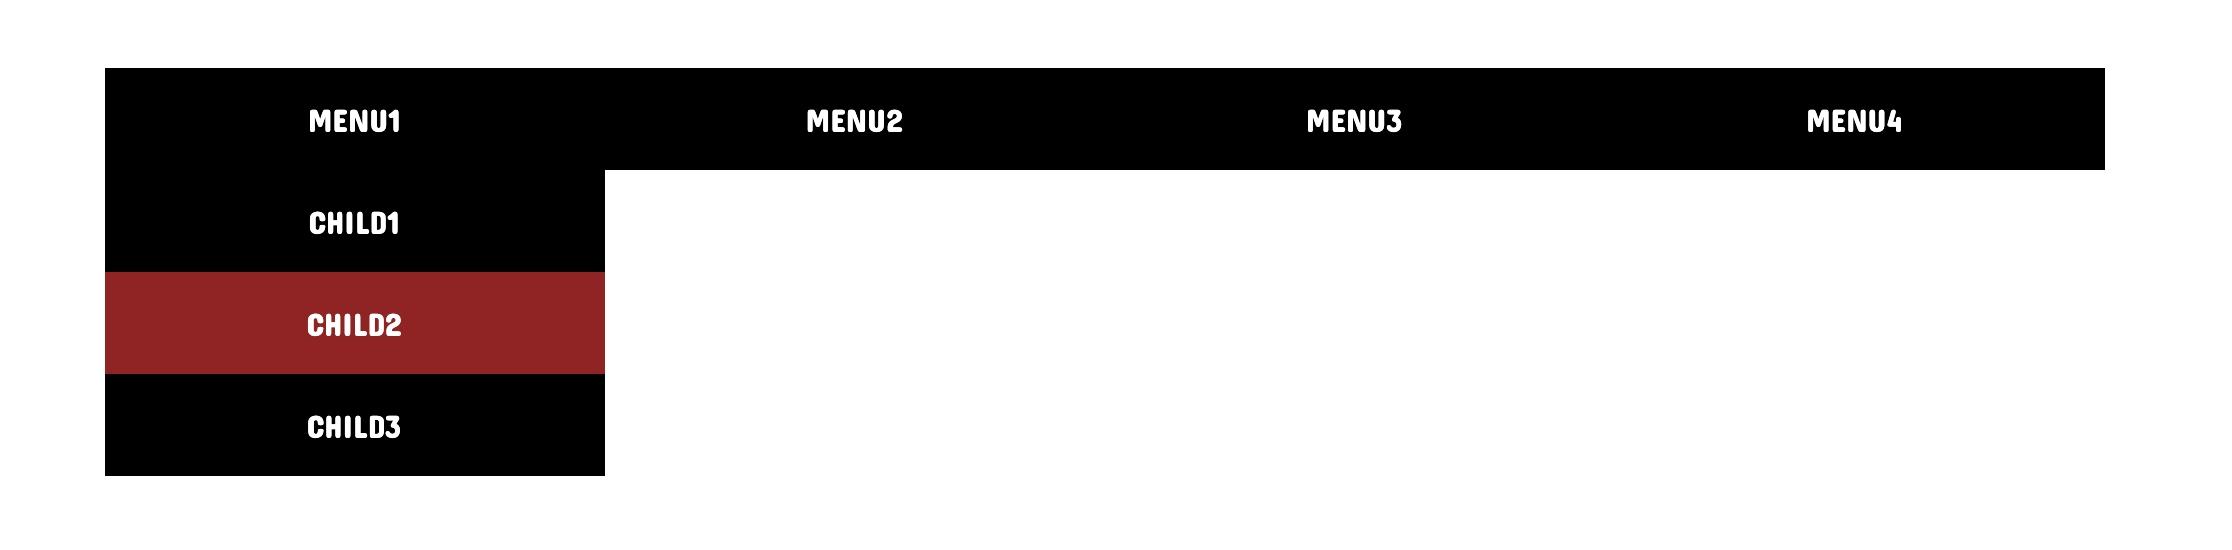 CSSだけでドロップダウンメニューを作る方法